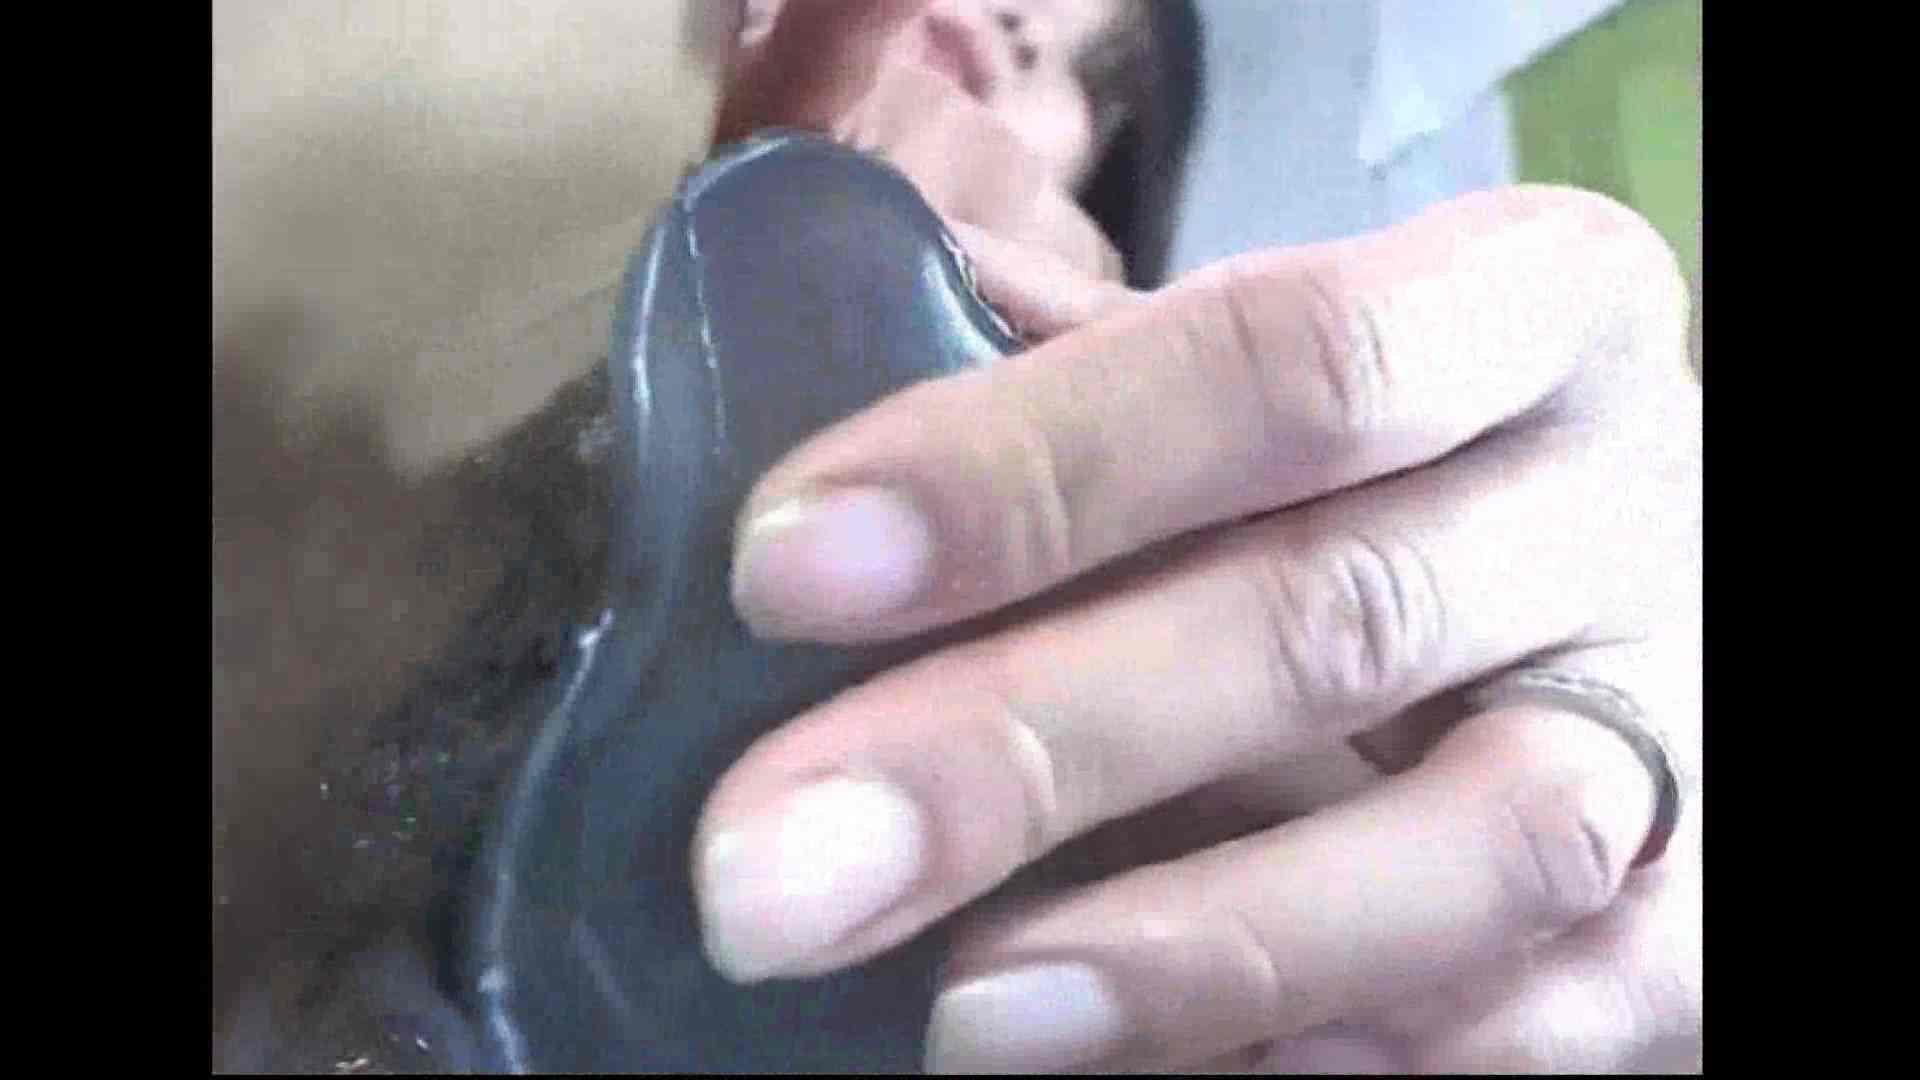 アヘ顔のわたしってどうかしら Vol.32 オナニーDEエッチ | 美女ヌード天国  94PIX 67